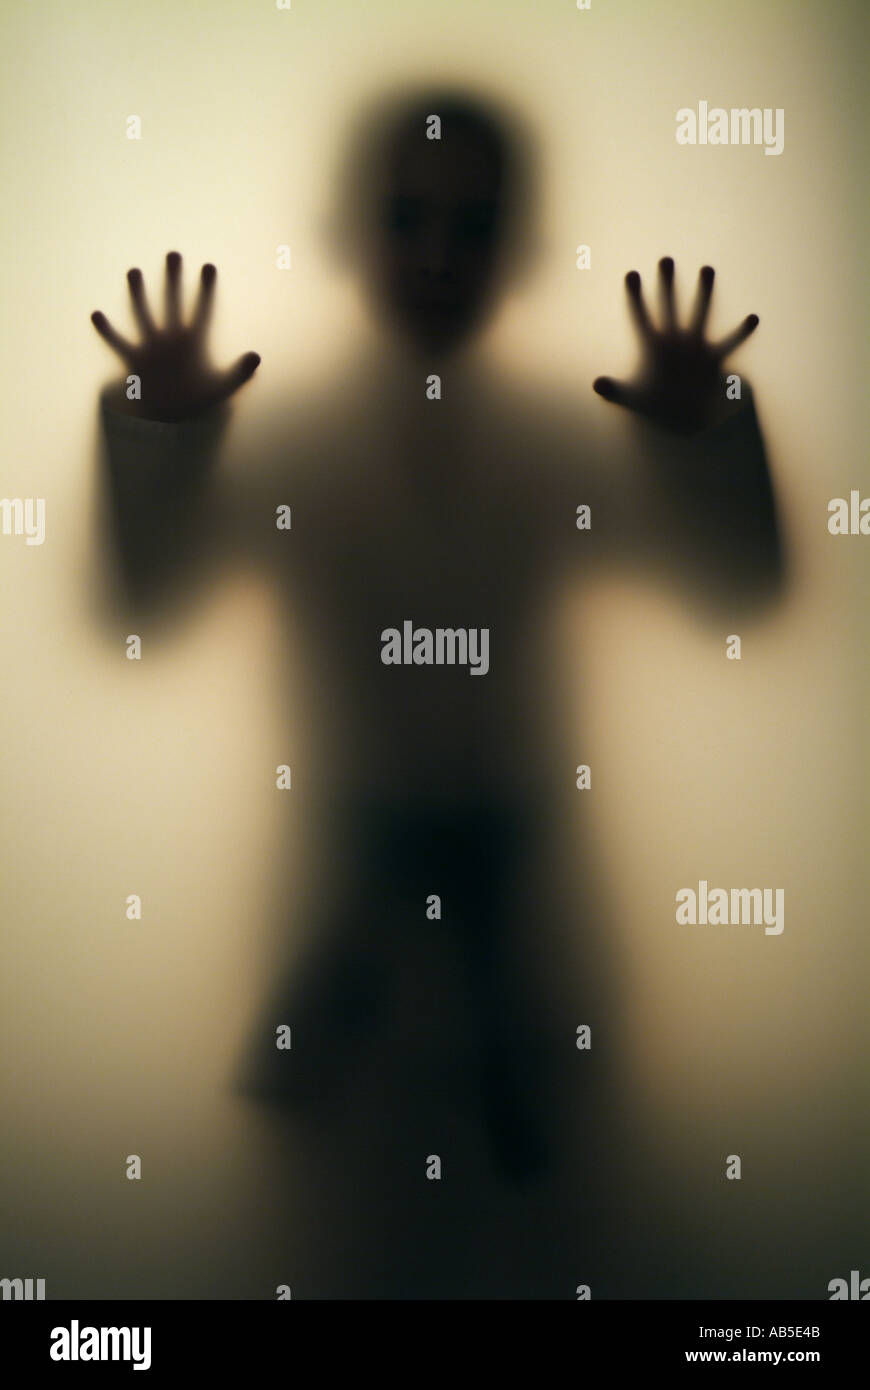 Boy 7, 8, 9, 10, 11, 12, 13, 14 ans figure derrière la paroi transparente Photo Stock